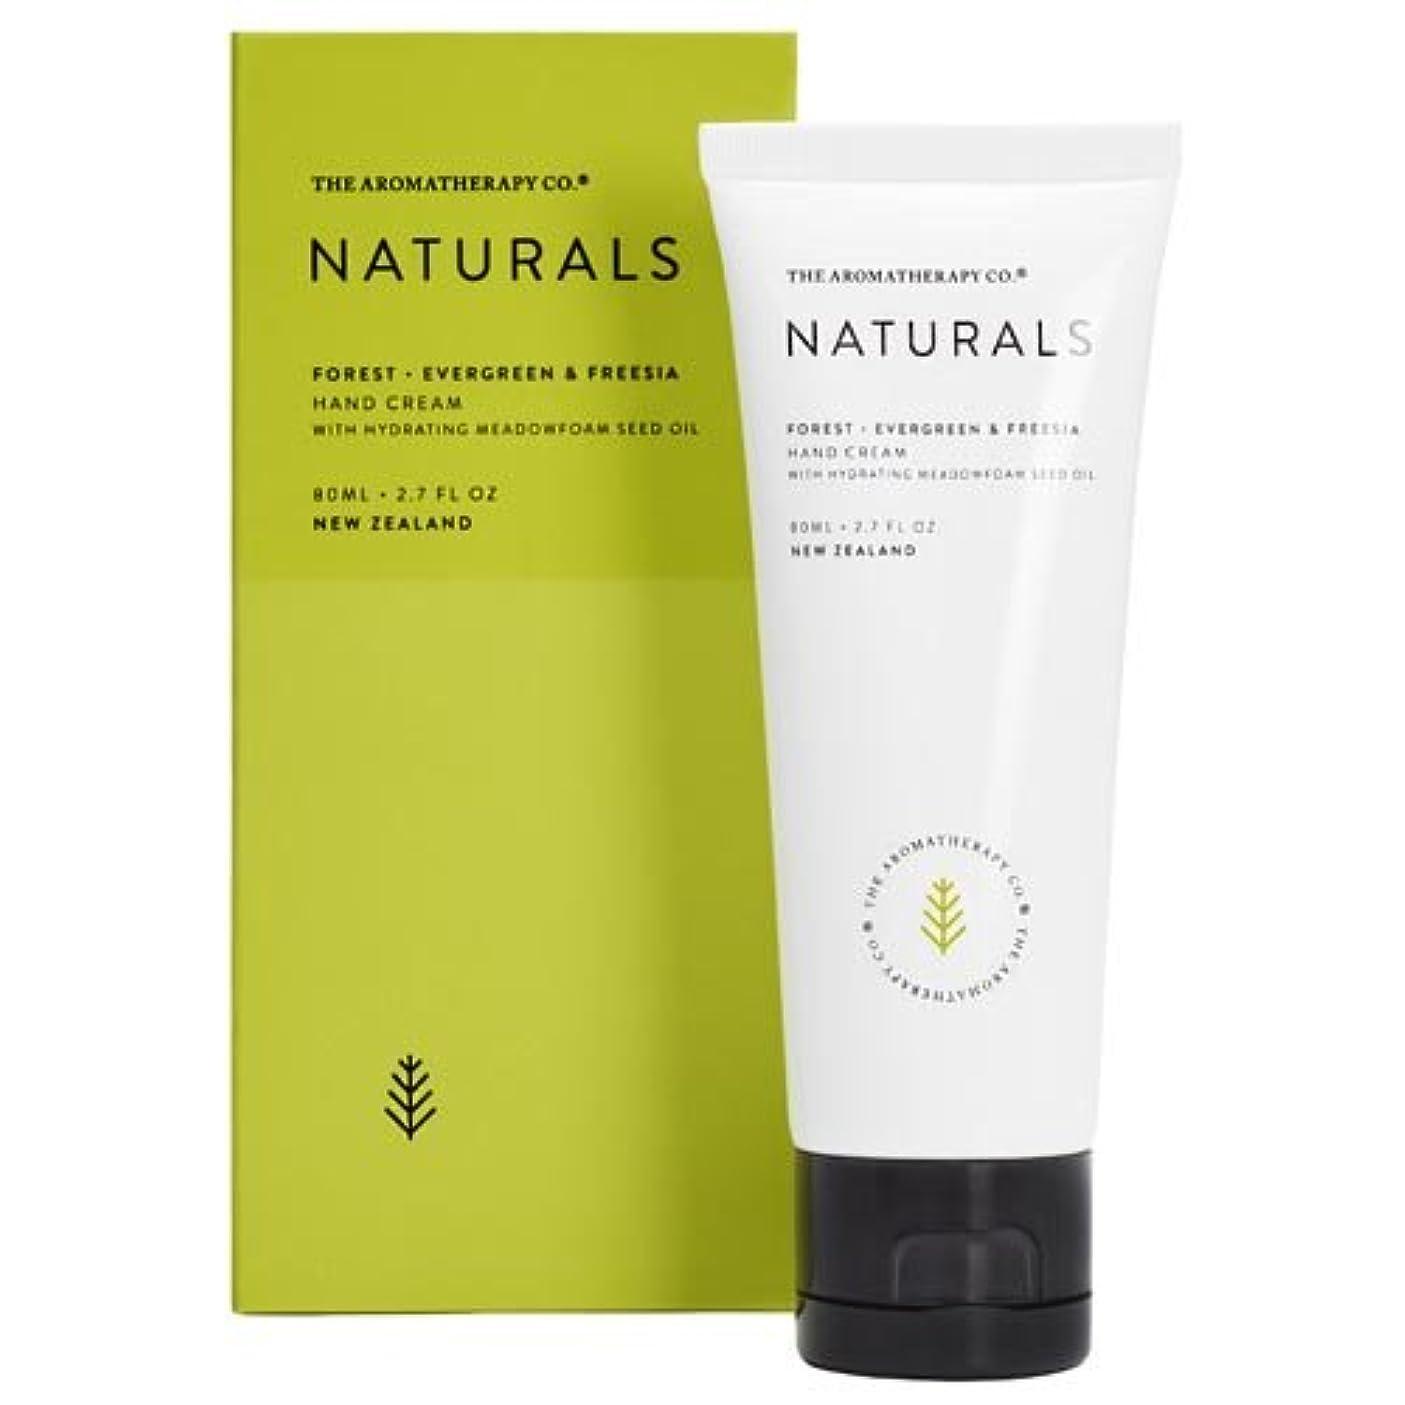 ジャム微視的縁石new NATURALS ナチュラルズ Hand Cream ハンドクリーム Forest フォレスト(森林)Evergreen & Freesia エバーグリーン&フリージア